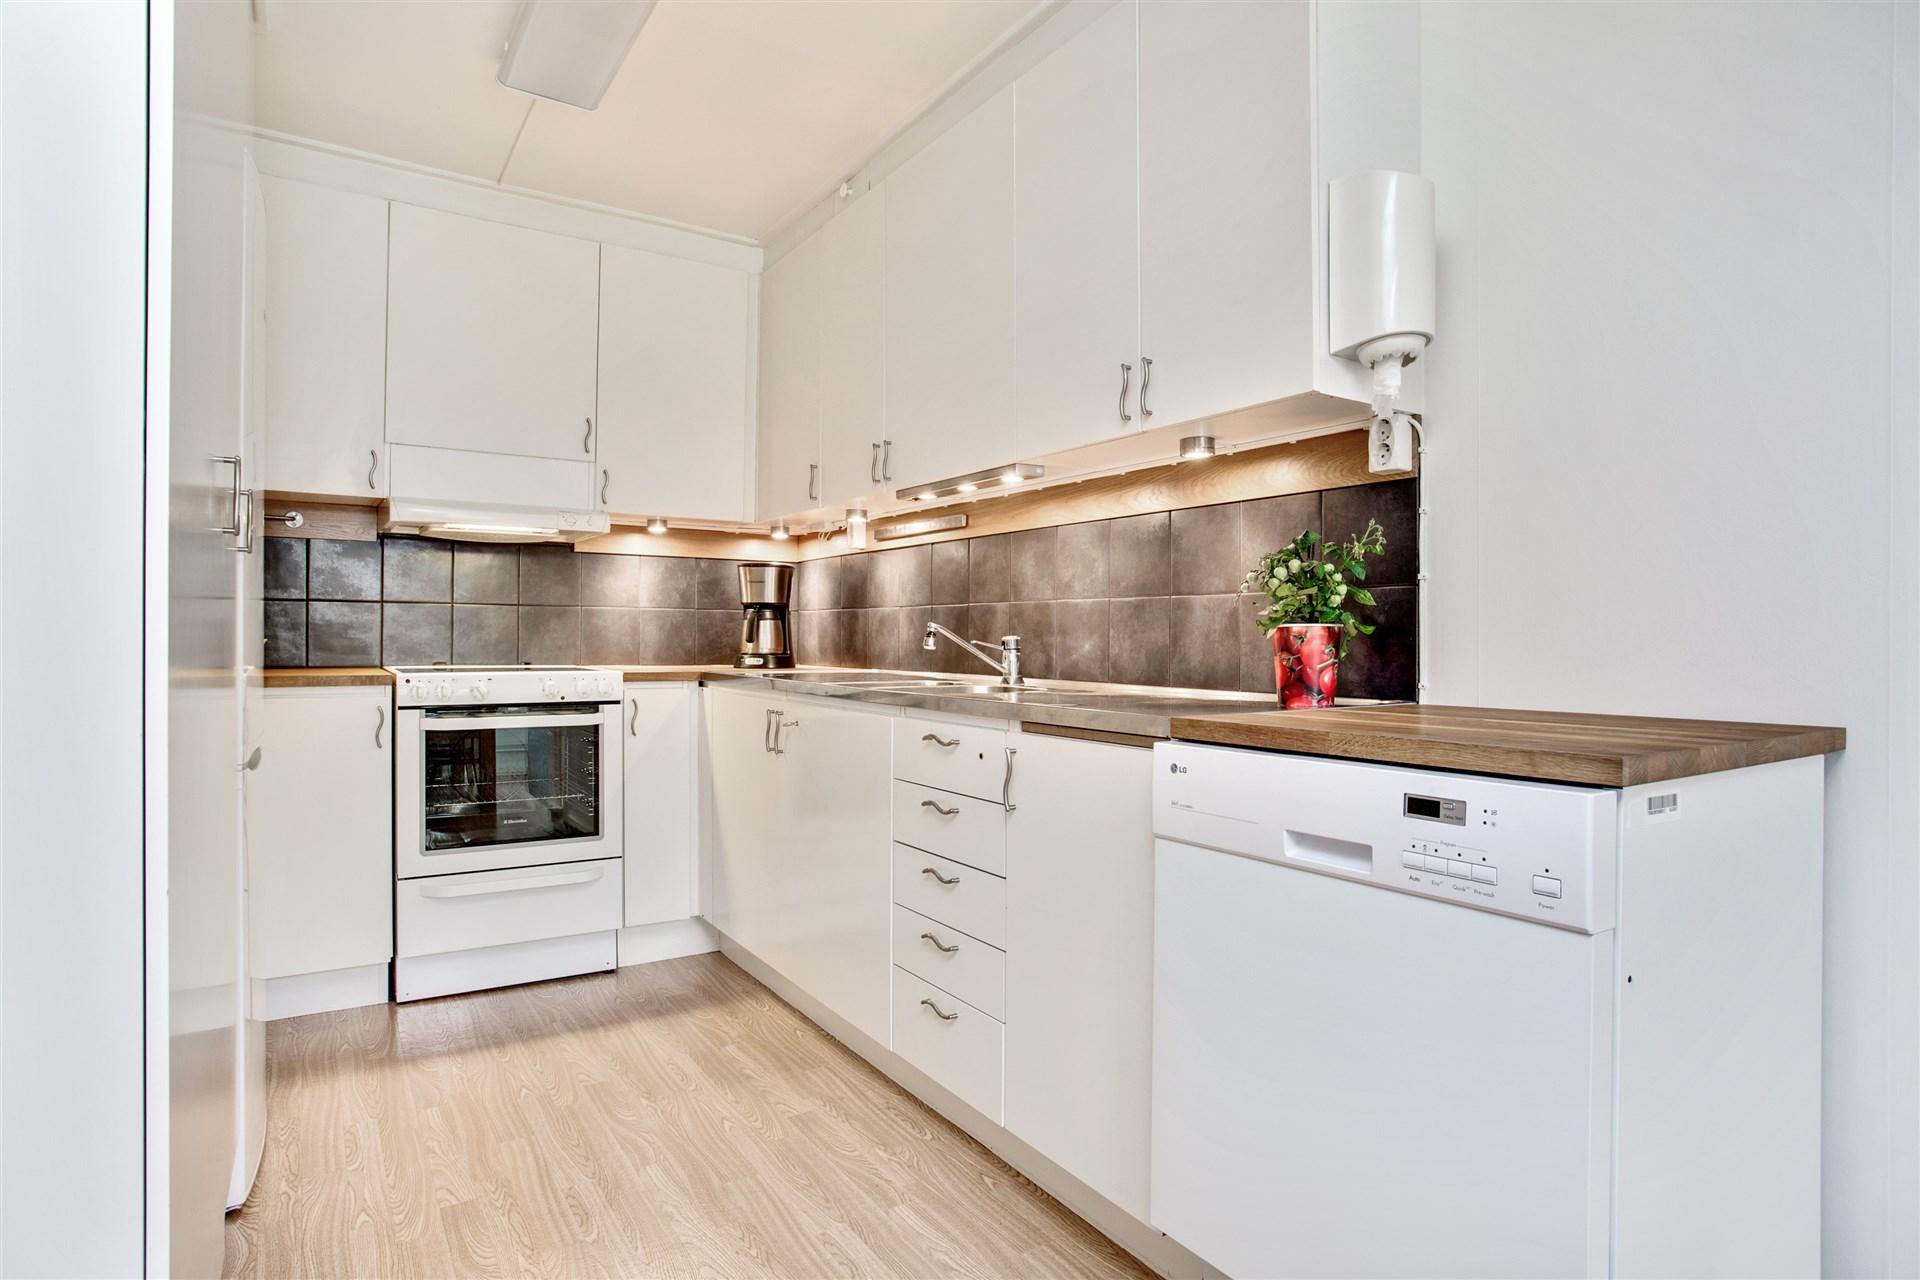 Fräscht kök med vita köksluckor och kakel över diskbänk.